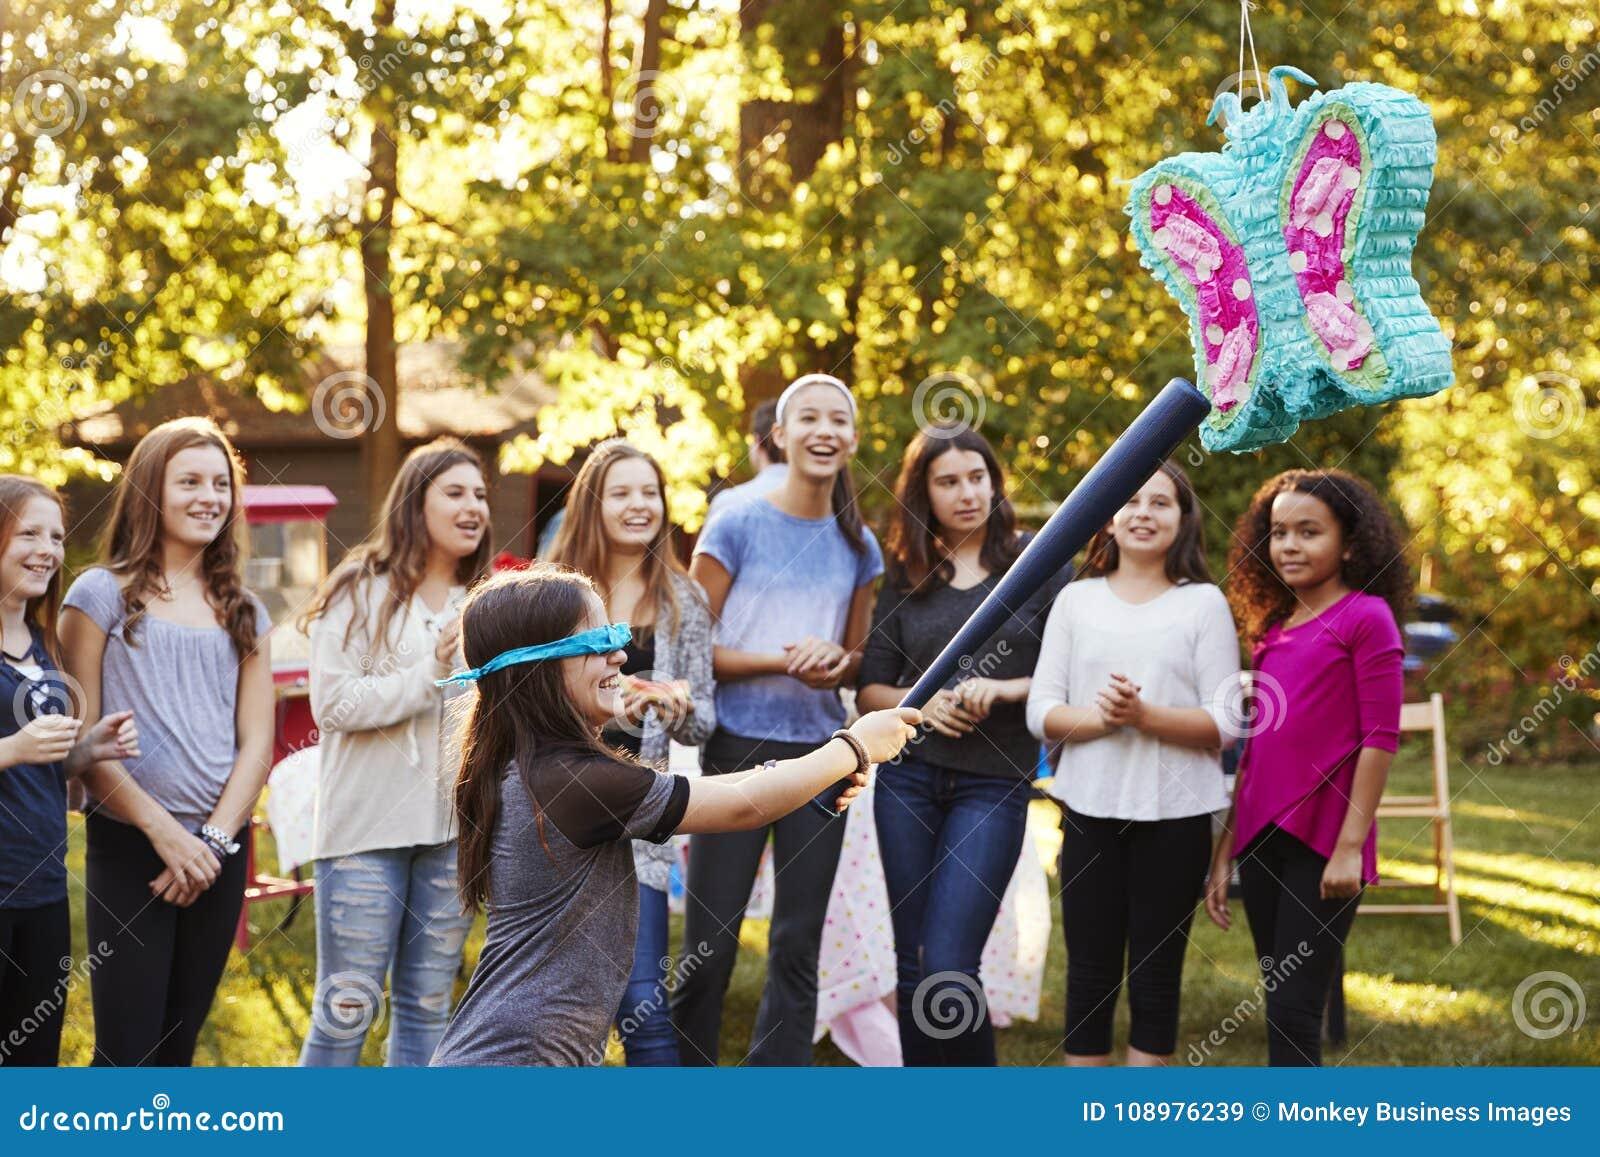 De vrienden letten op een jong meisje rakend een piï ¿ ½ ata op haar verjaardag